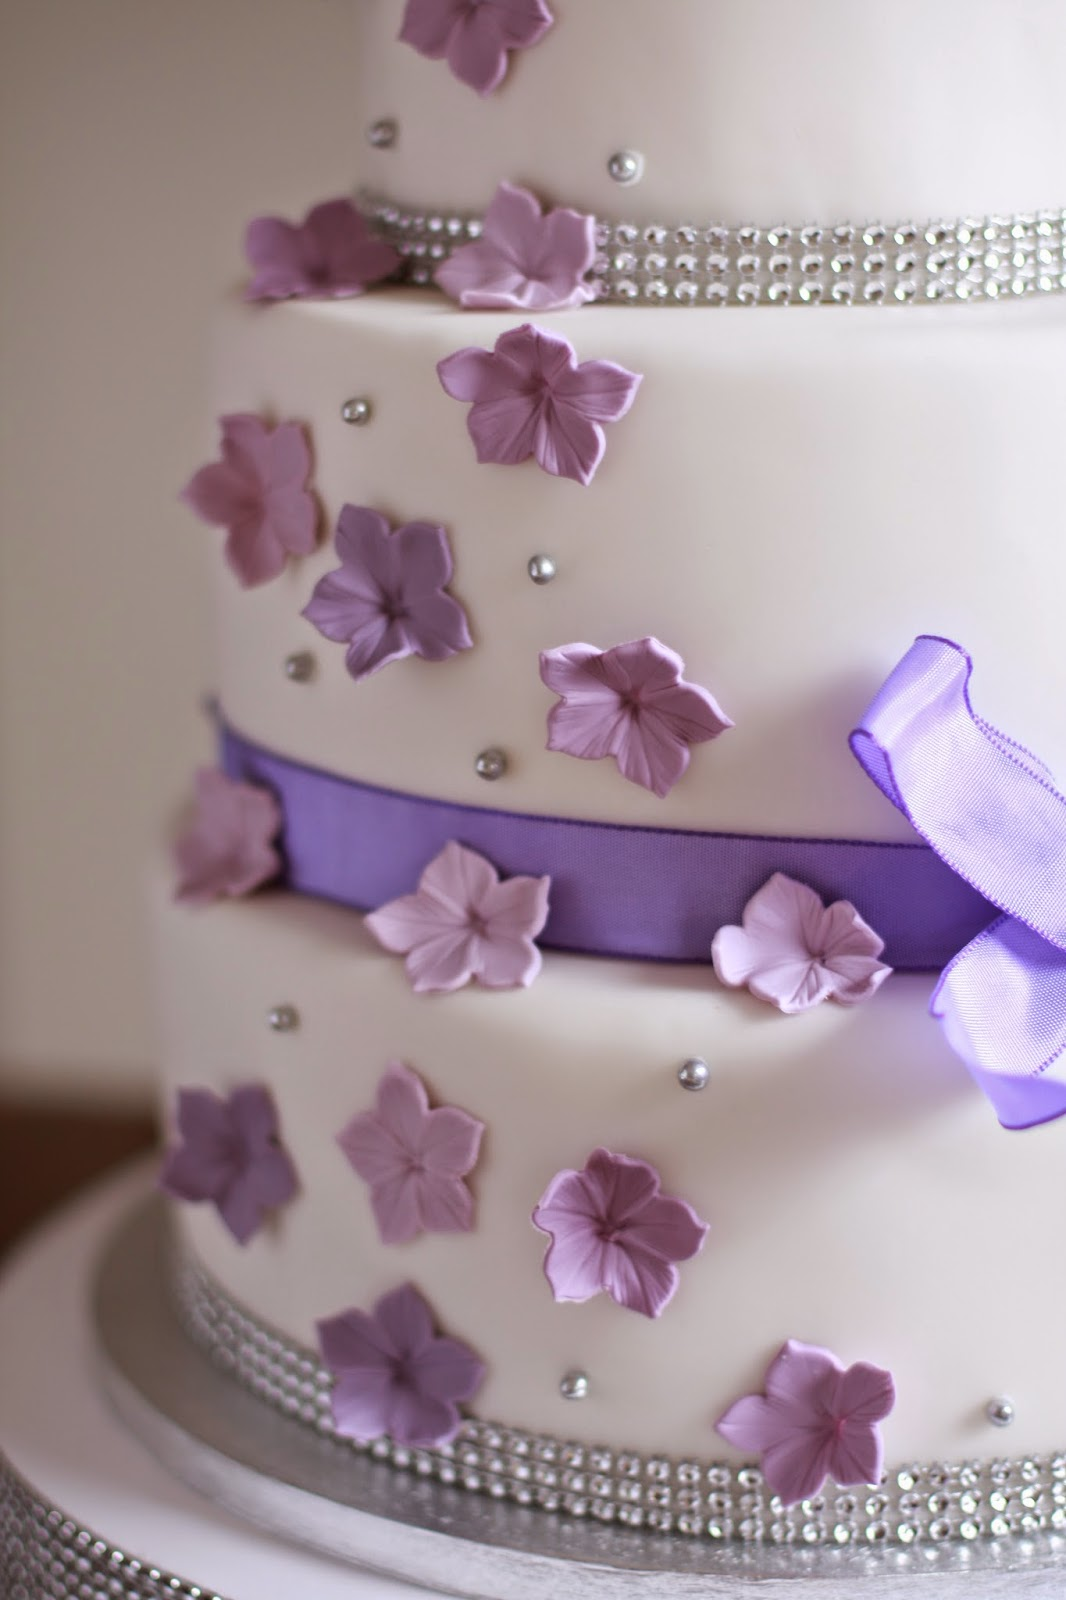 Großartig Hochzeitstorte Lila Sammlung Von Nach Meinem Backmarathon Am Donnerstag, Saß Ich